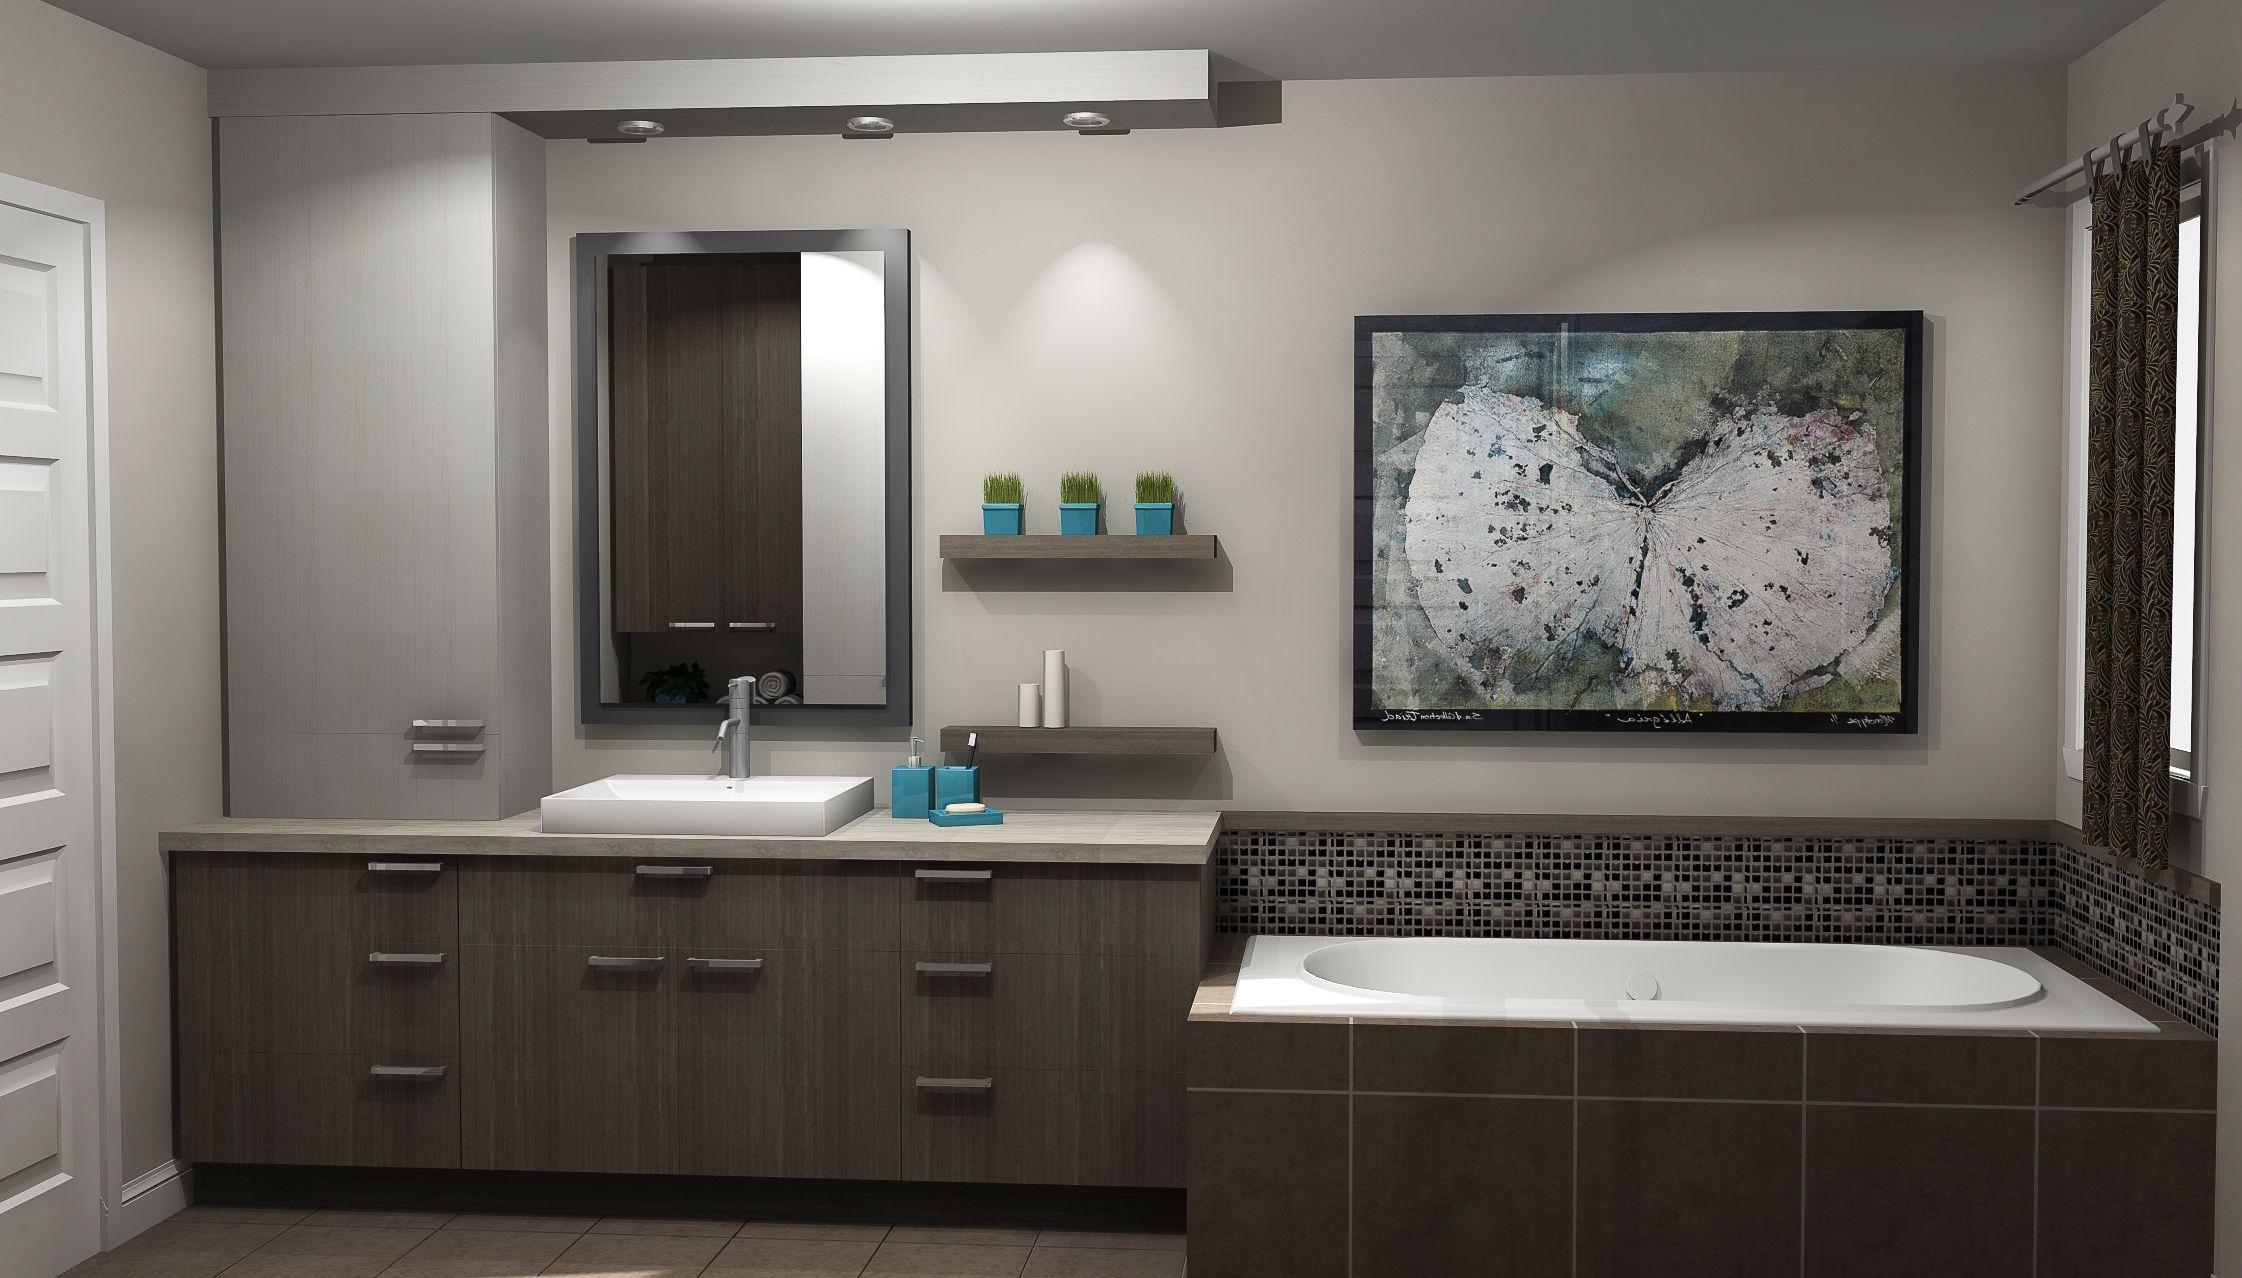 salle de bain quà bec passionnàs de leur profession nos experts